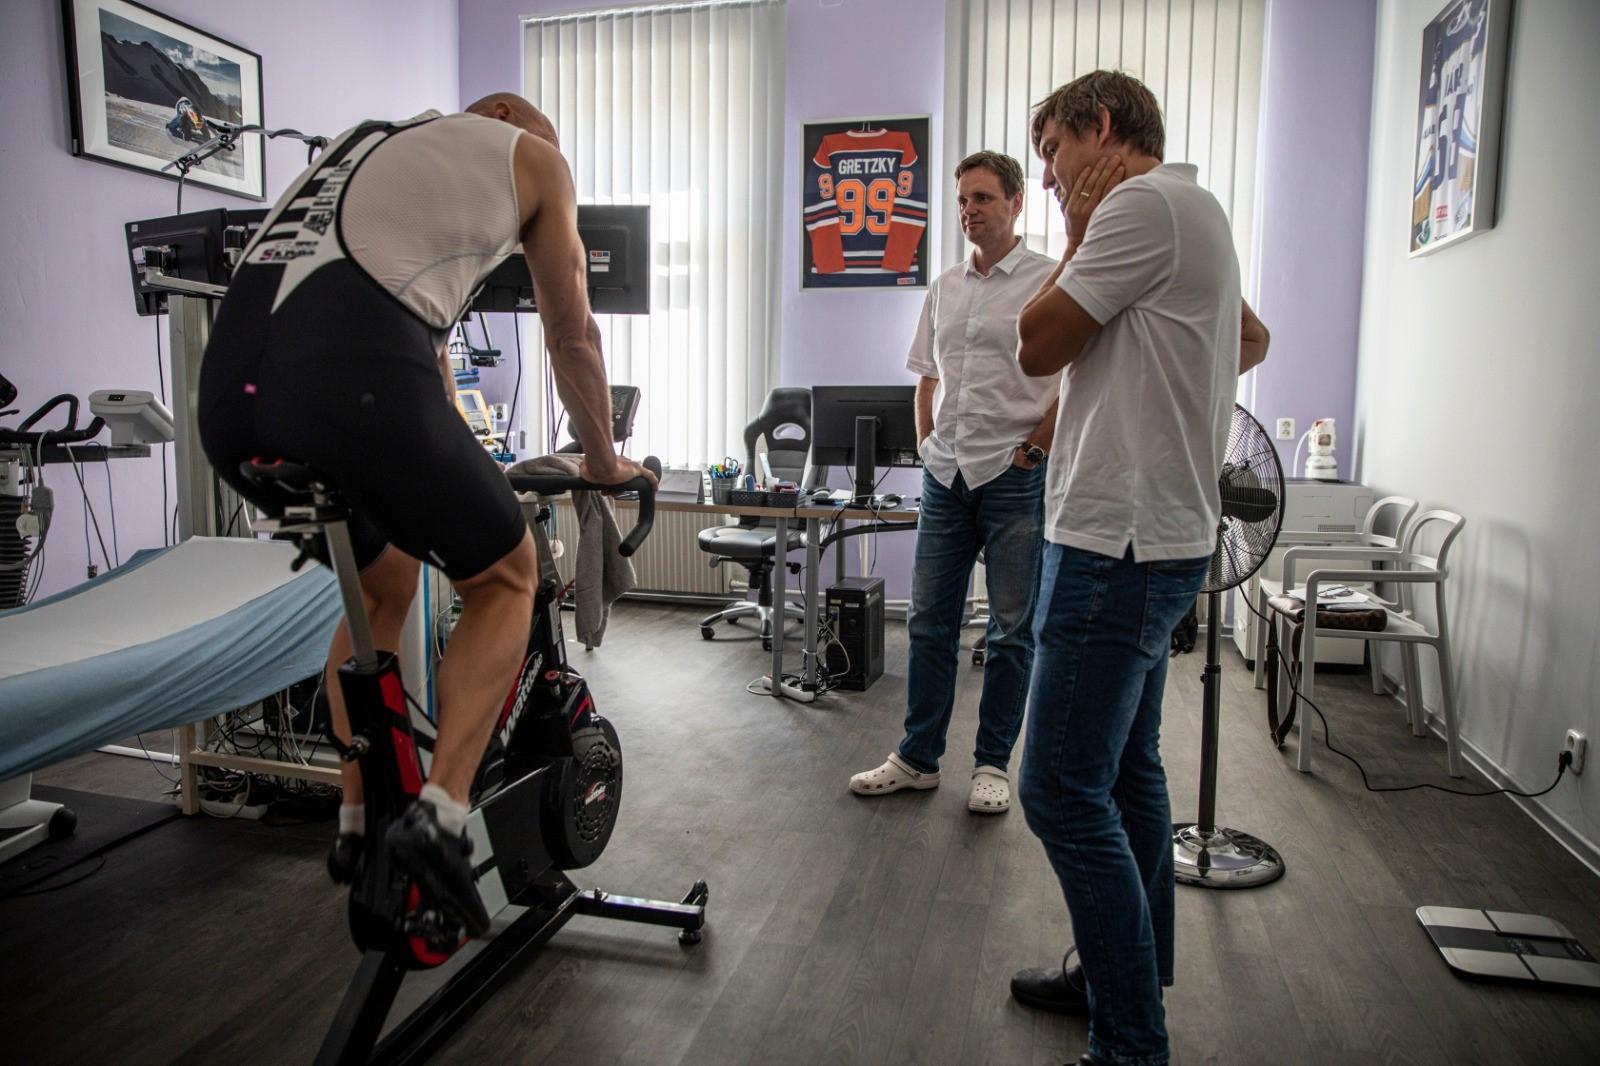 Speciální vyšetření s následným sestavením tréninkového plánu už dávno není jen výsadou profesionálů. Foto: Centrum sportovní medicíny